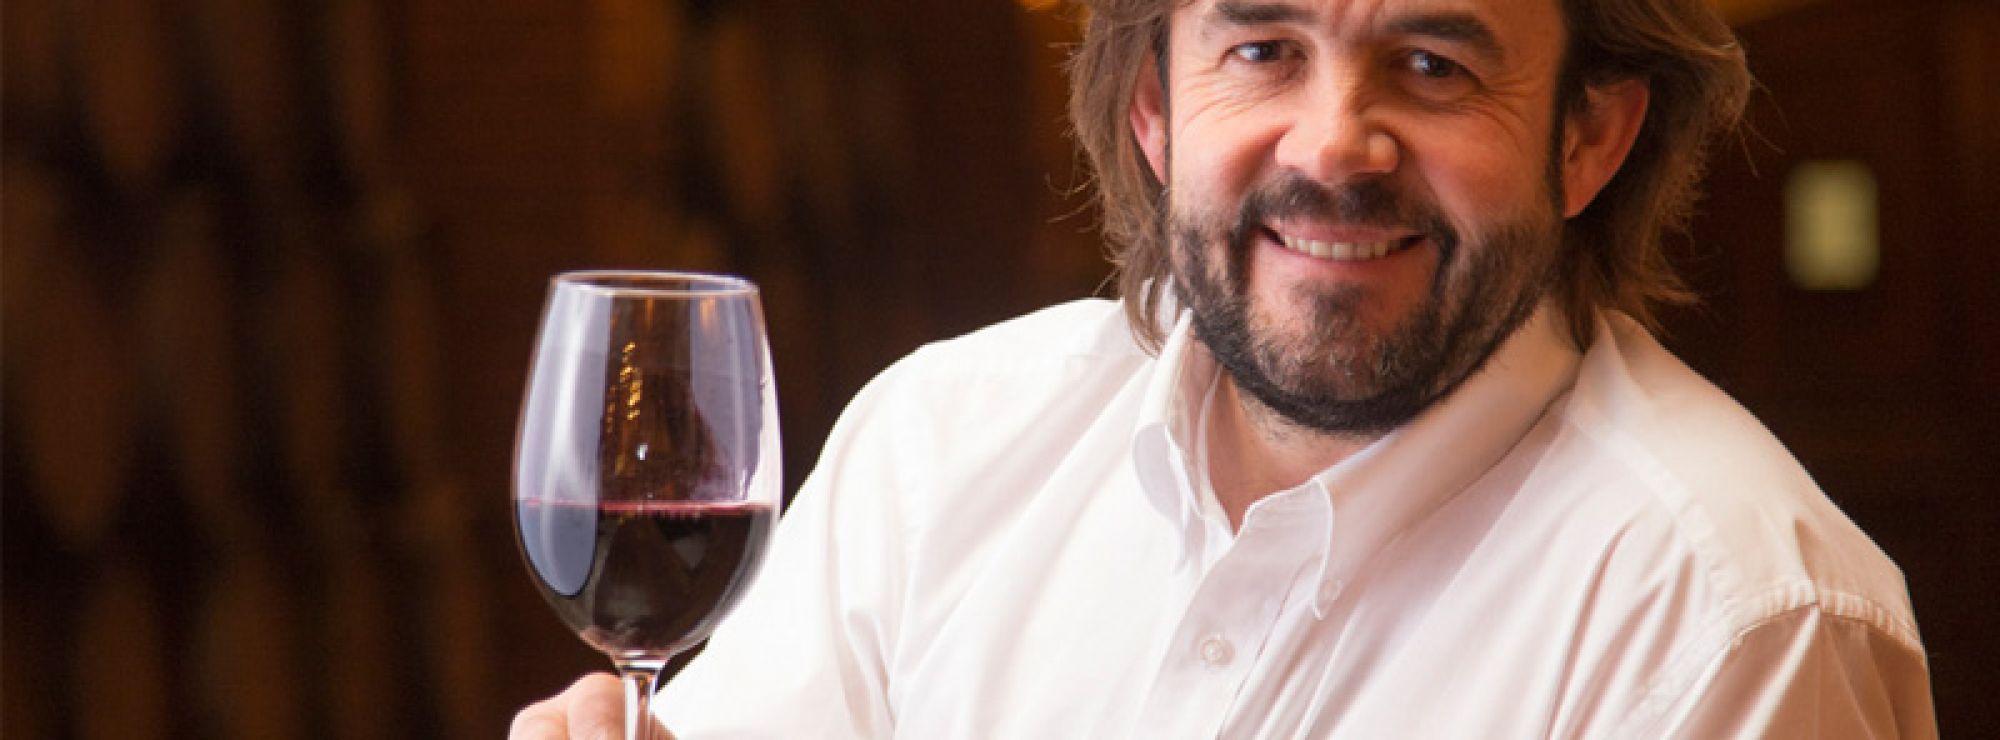 Aresti Winemaker